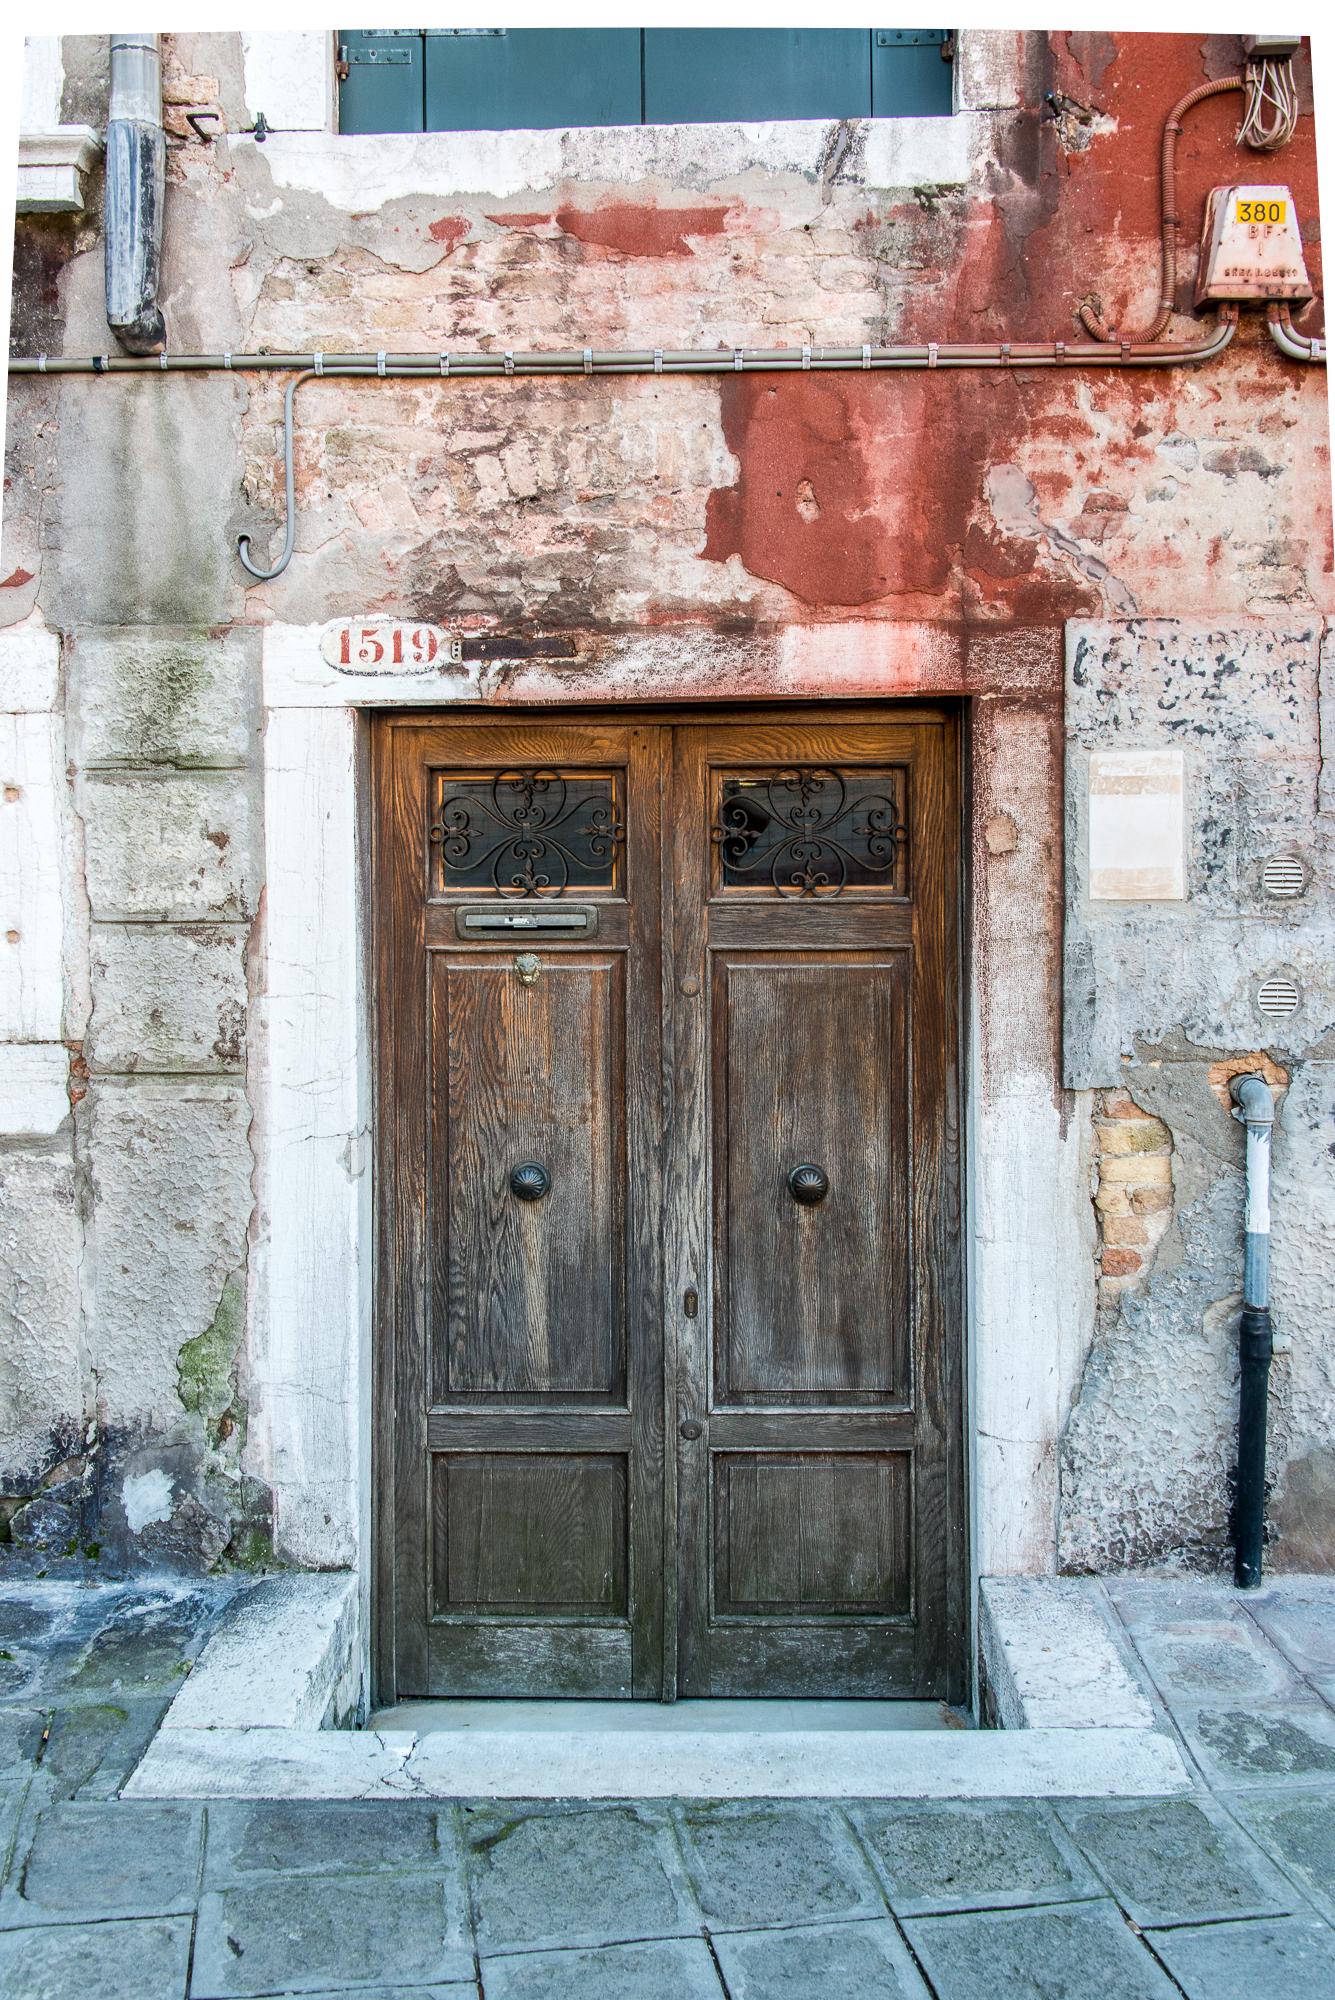 Original snap shot of The Sunken Door